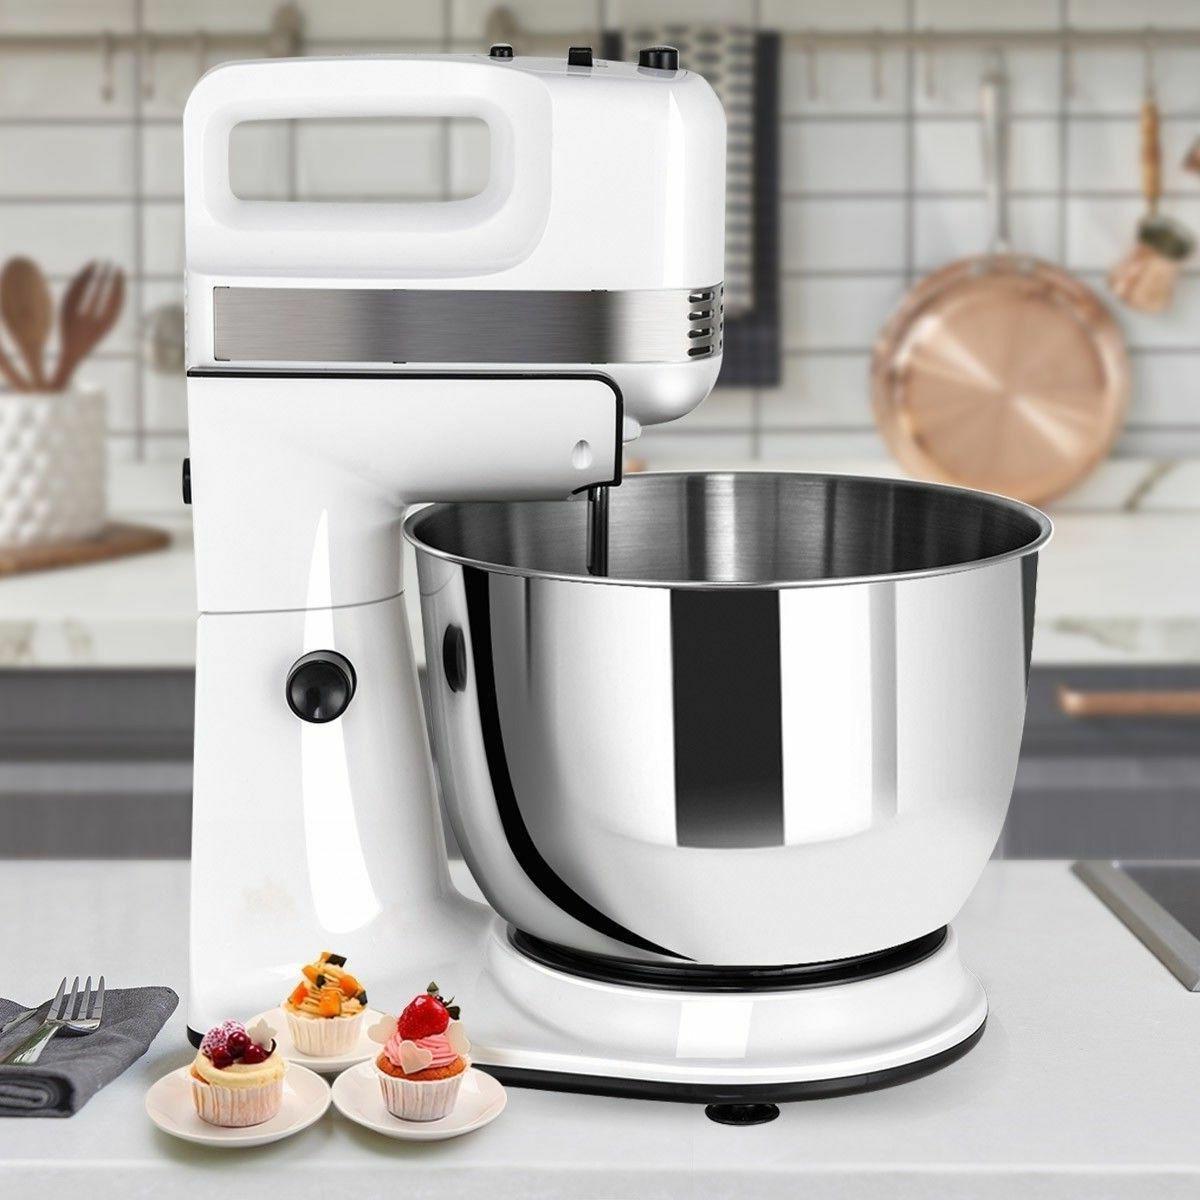 5 Cake Mixer Dough Hook Beater Stand Bowl